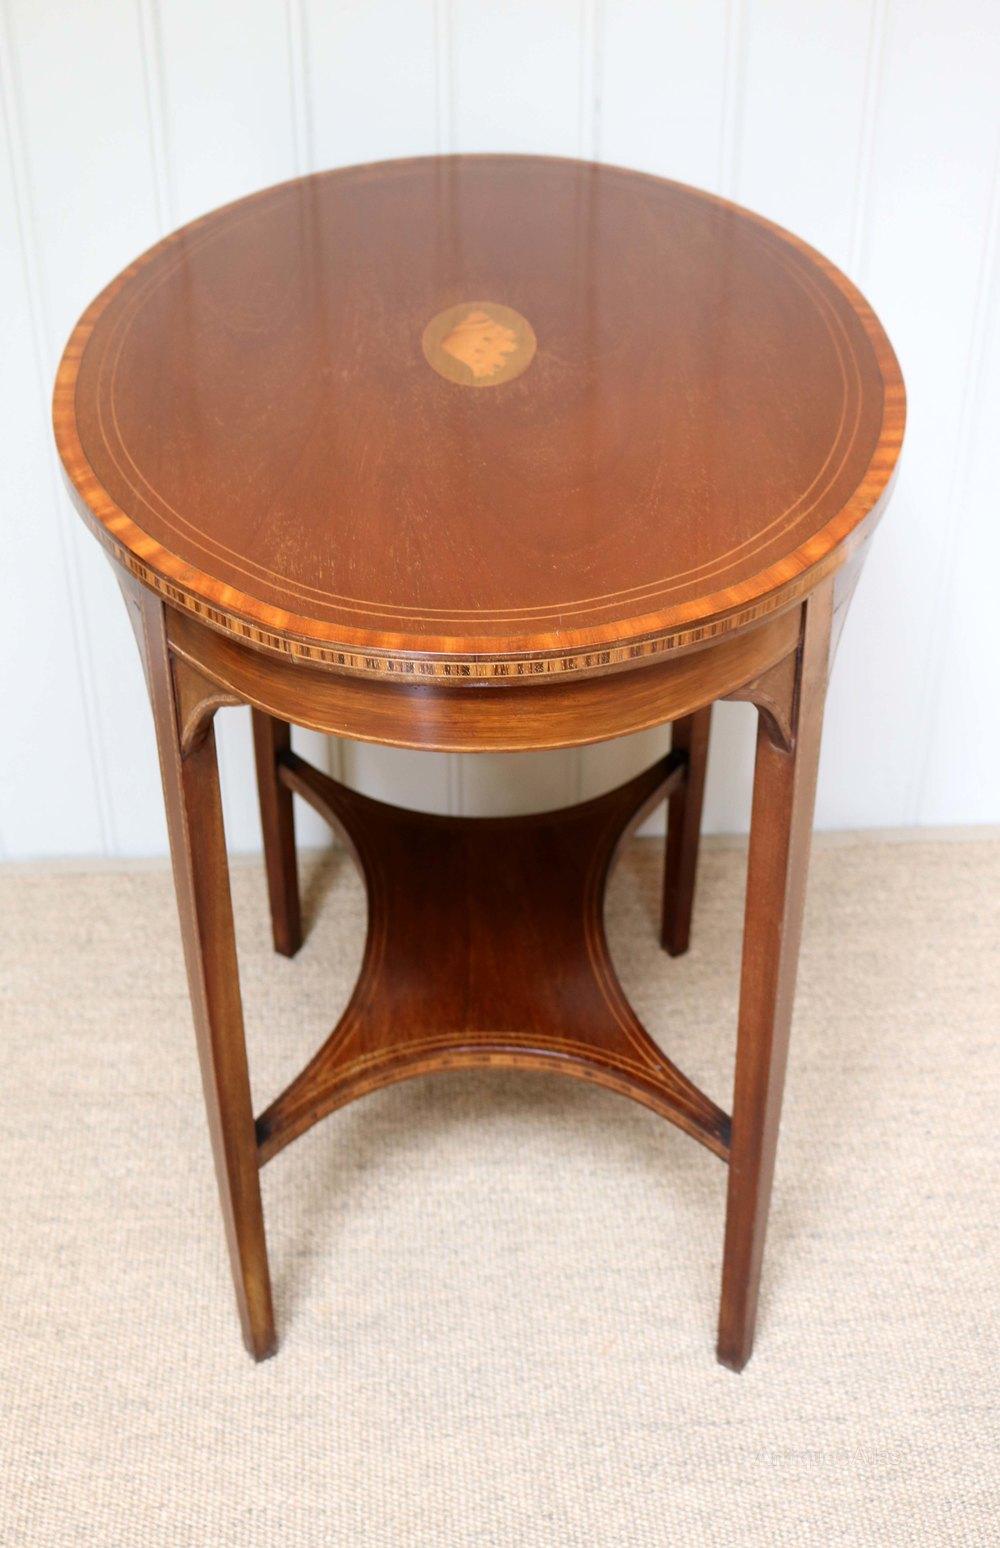 Photos. Edwardian Oval Inlaid Table ...